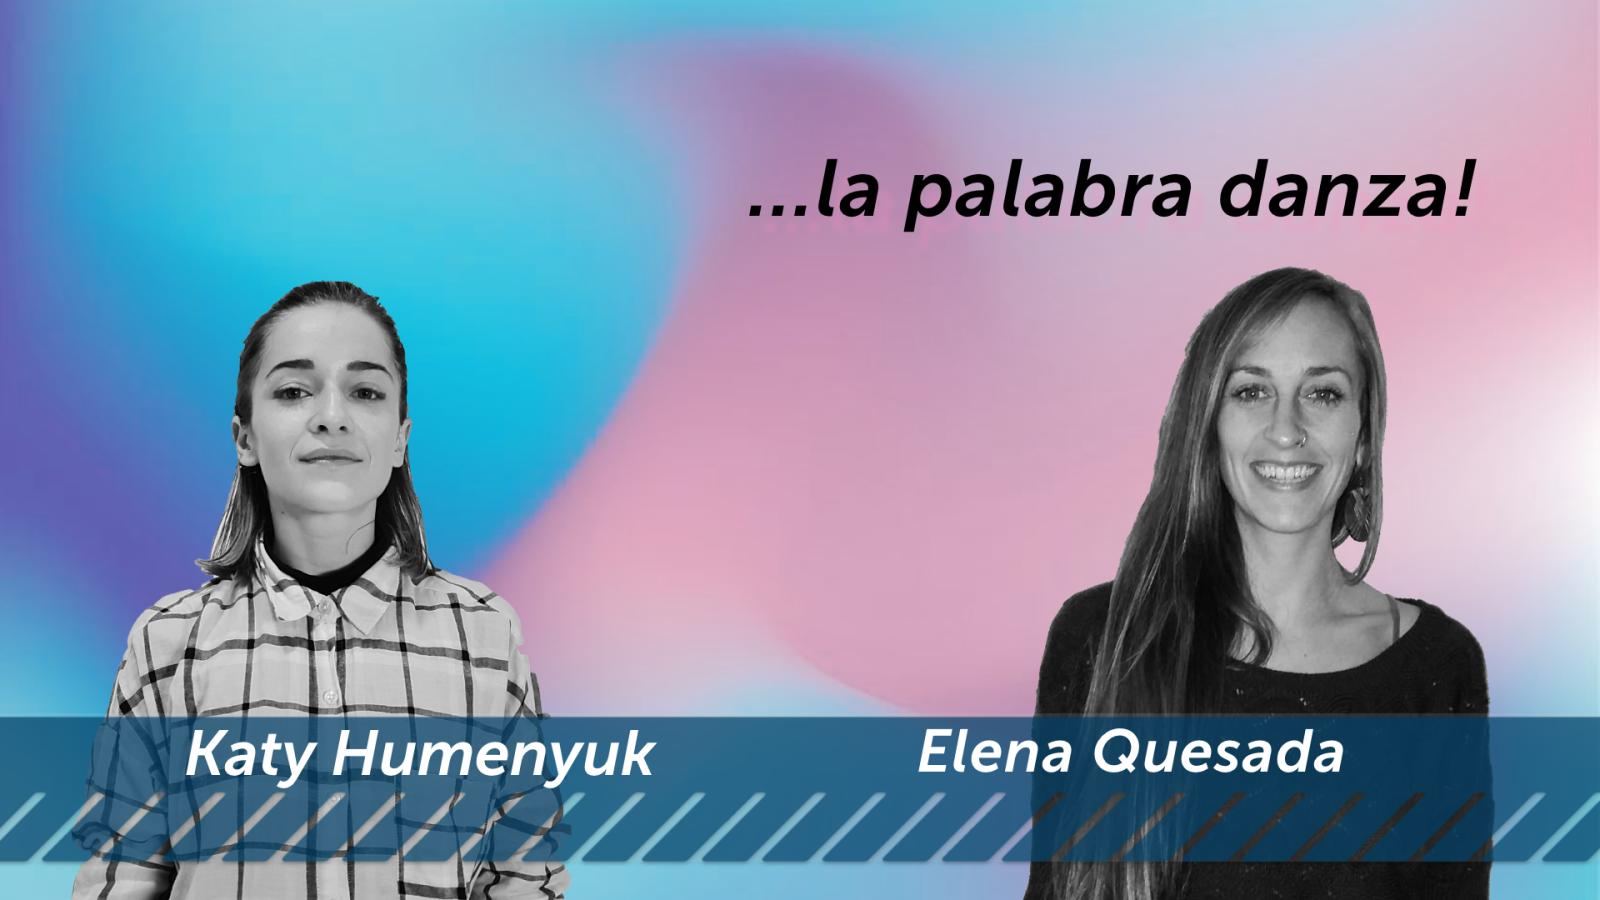 Buzón de Baile - ENCANTO - Katy Humenyuk / SATISFACCIÓN - Elena Quesada - Ver ahora